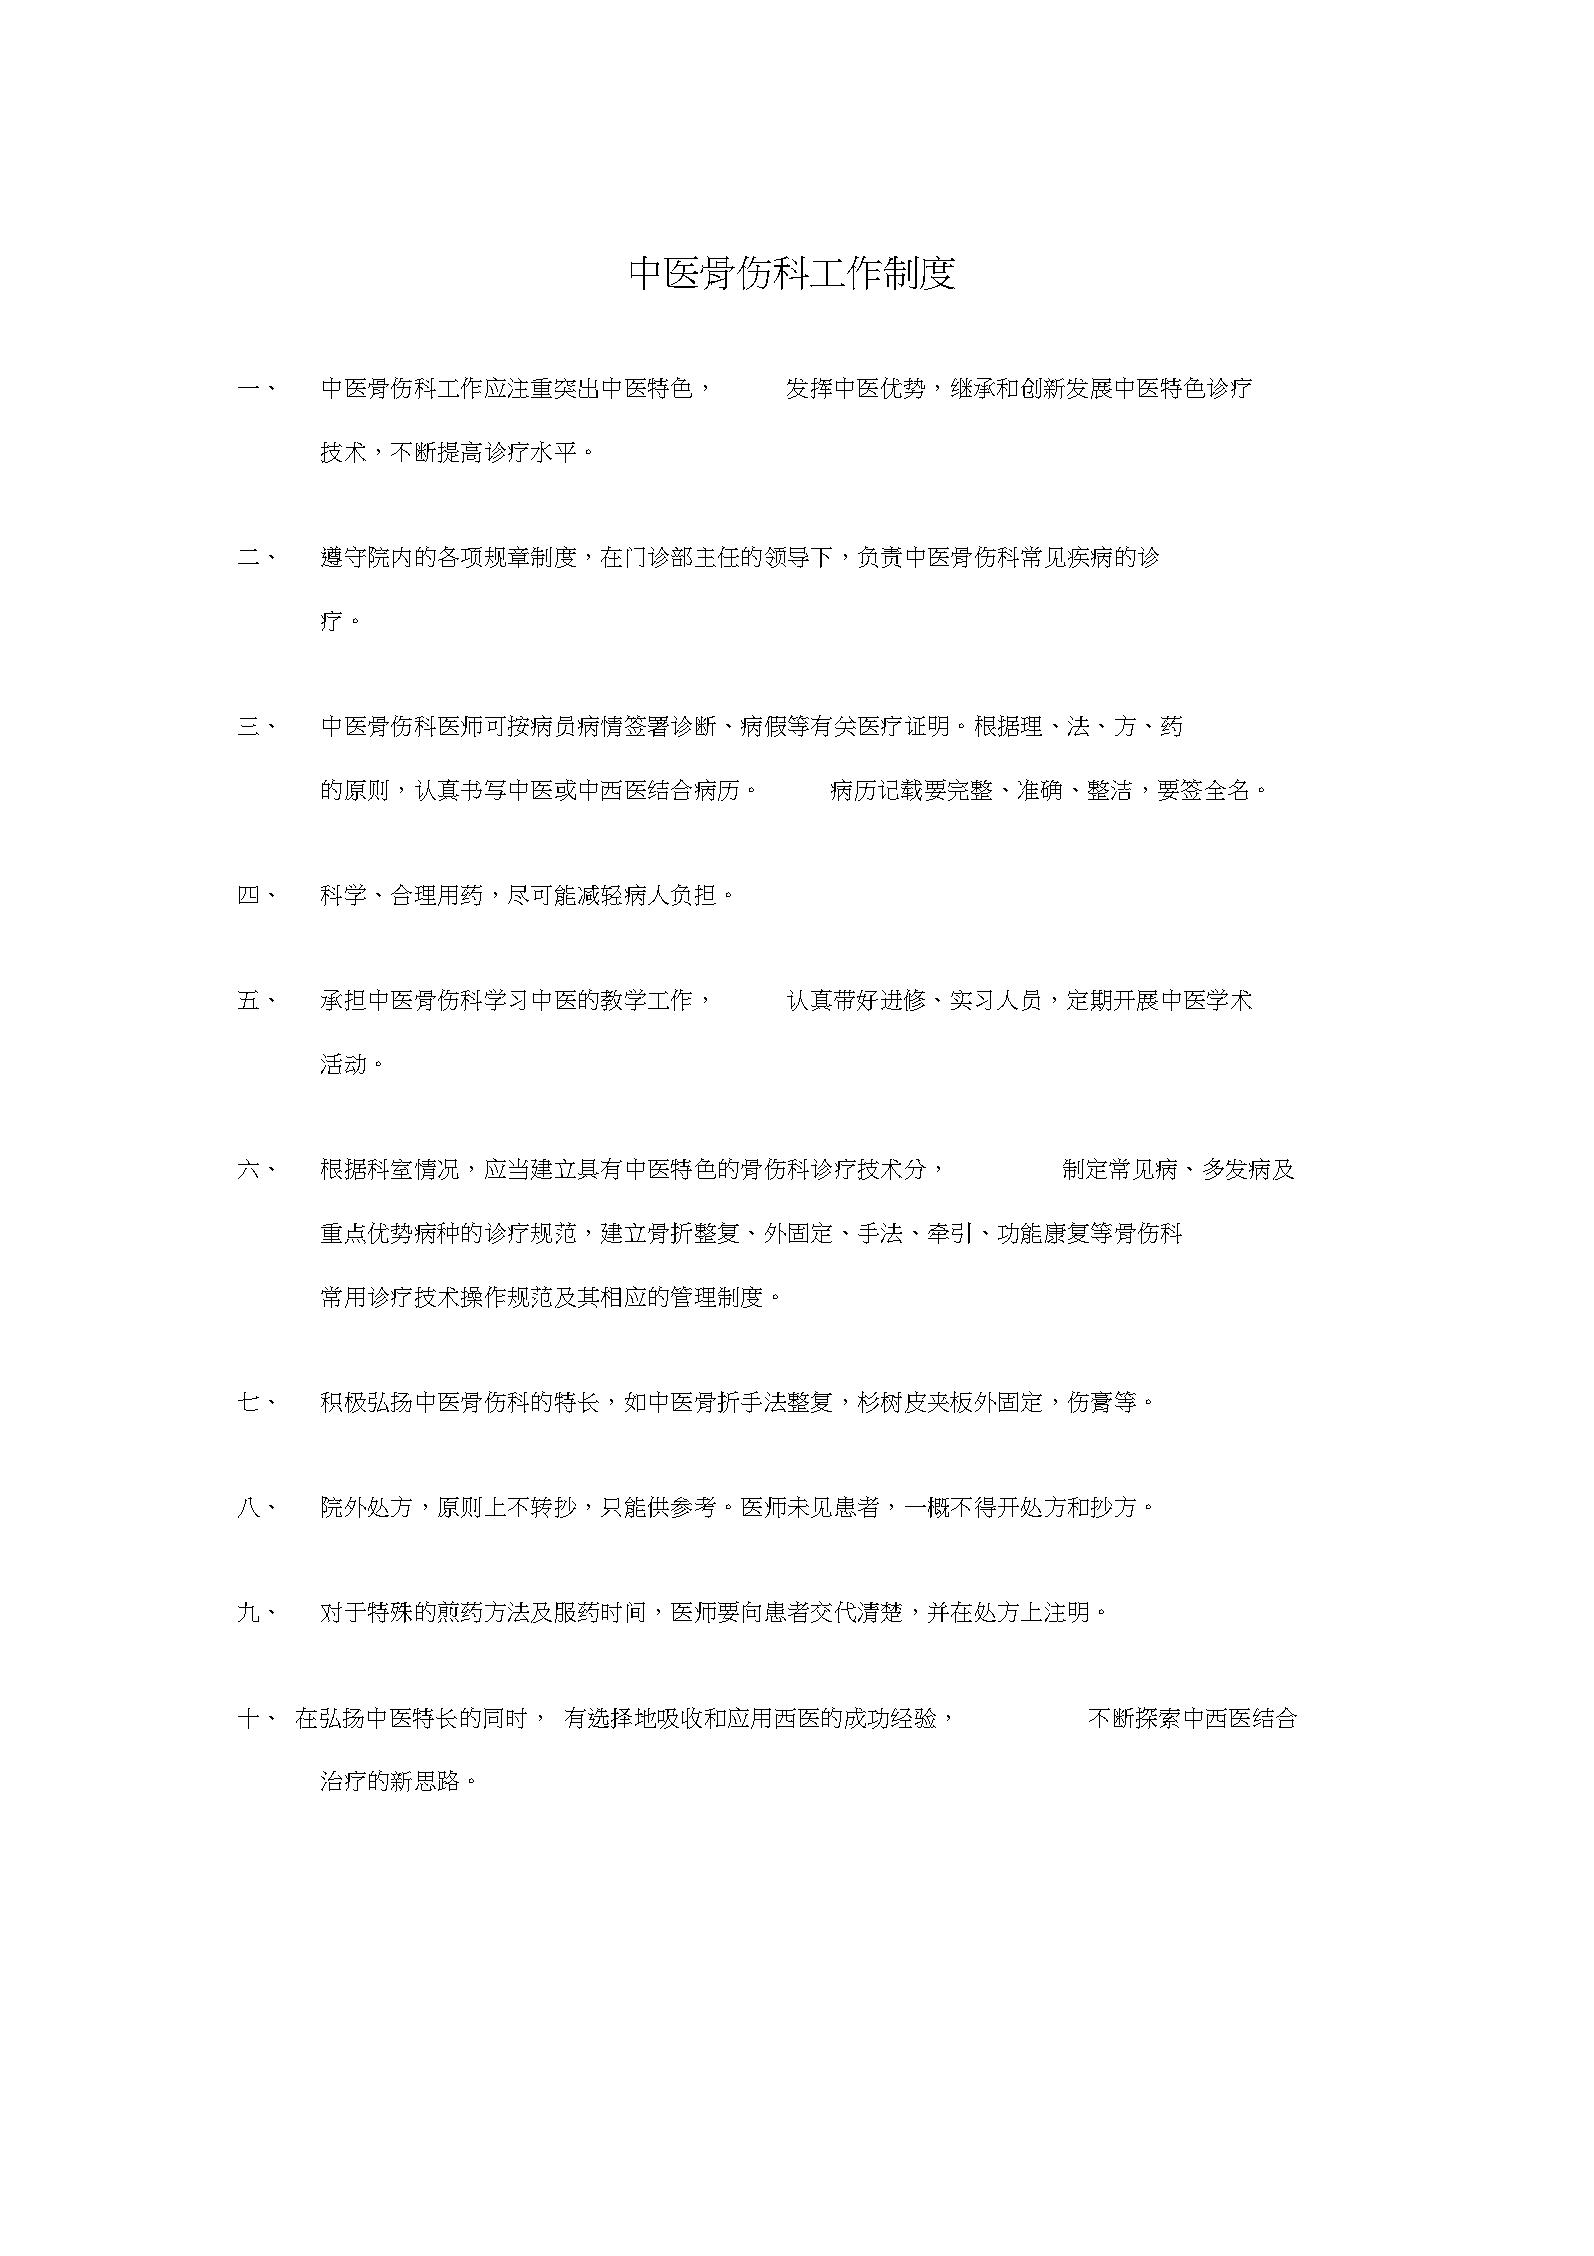 中医骨伤科室相关制度.docx